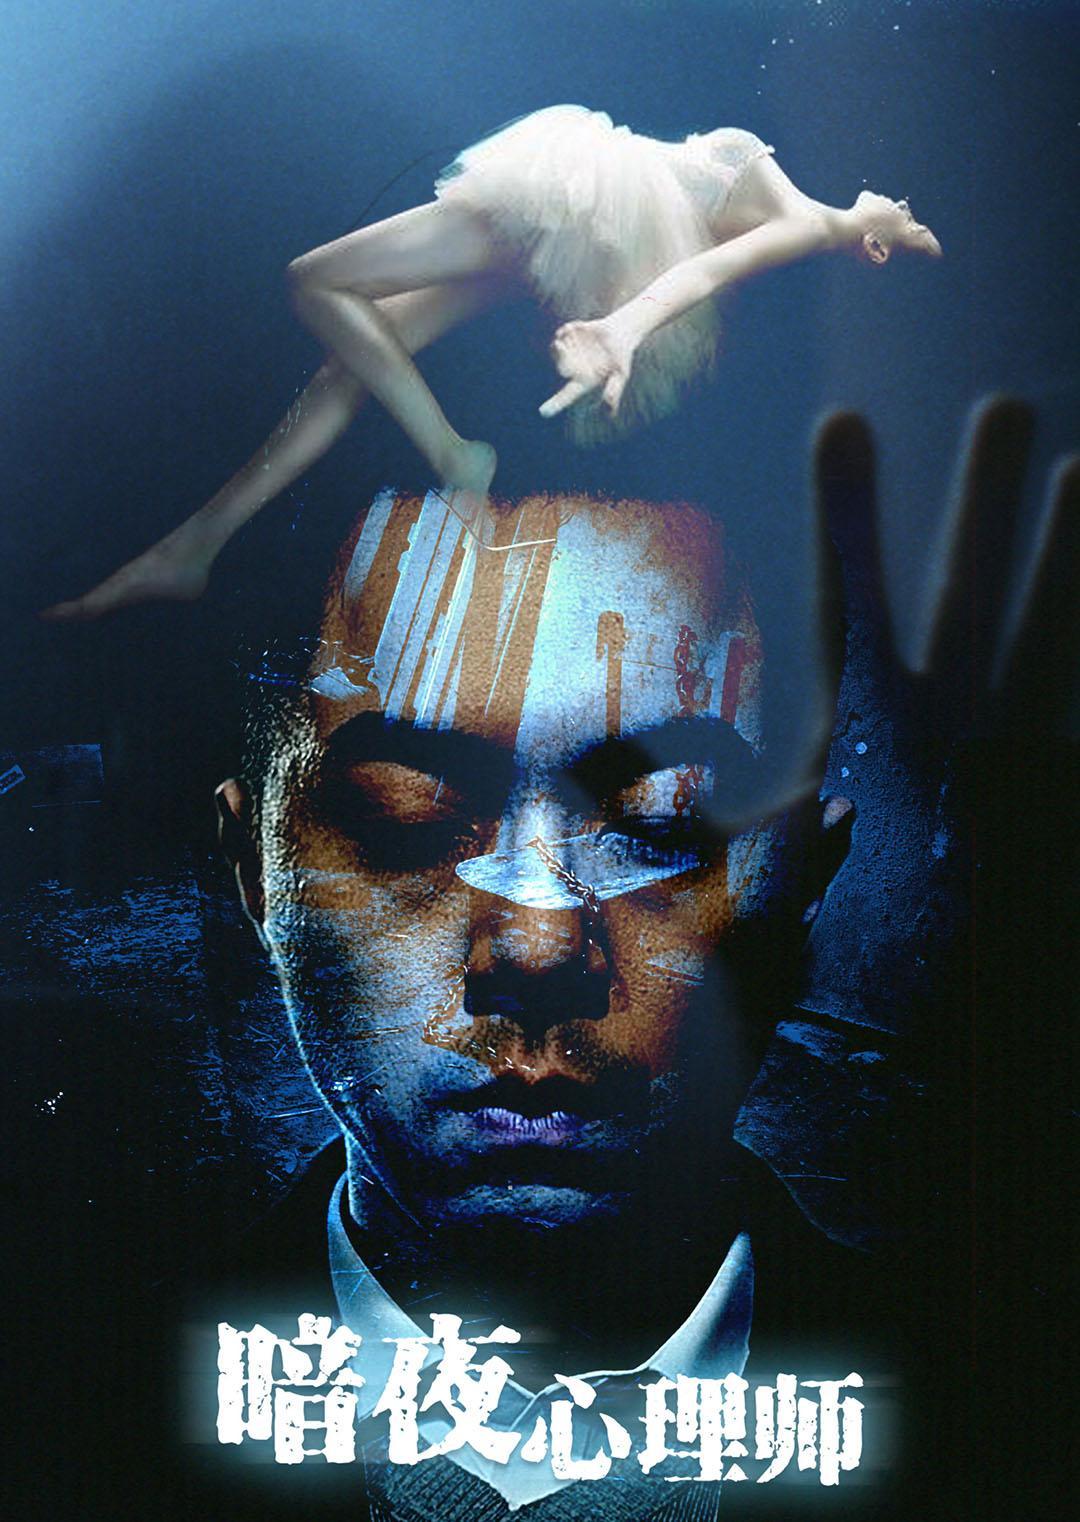 暗夜心理师 - 视频在线观看 - 暗夜心理师